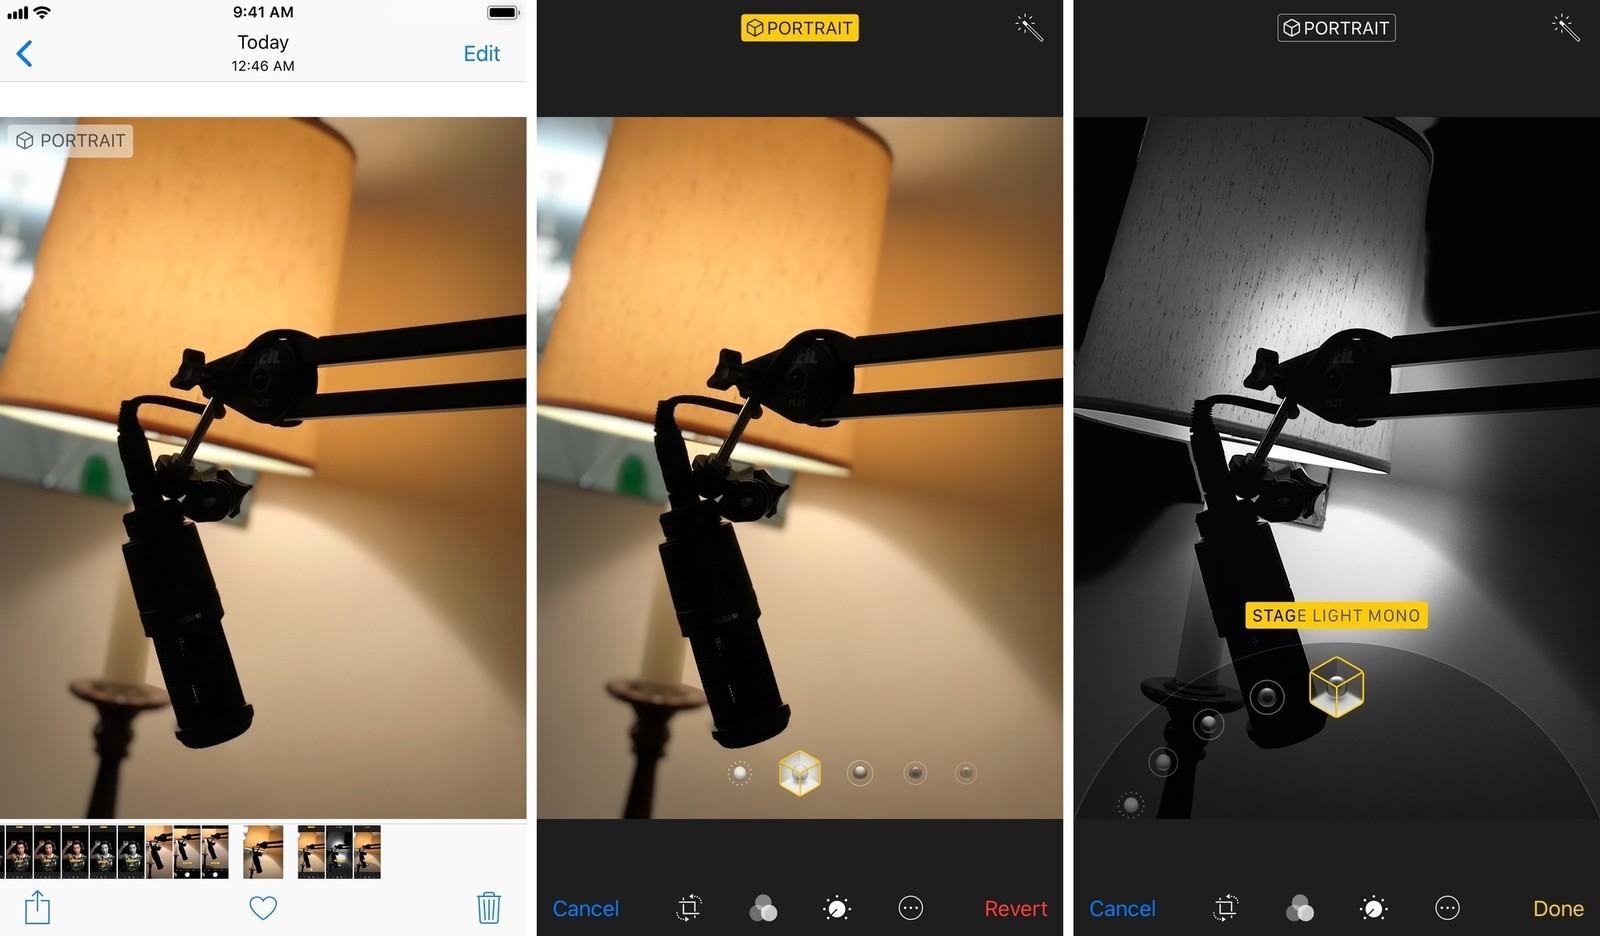 Как использовать портретный режим и портретное освещение в iPhone X - удаление эффекта глубины